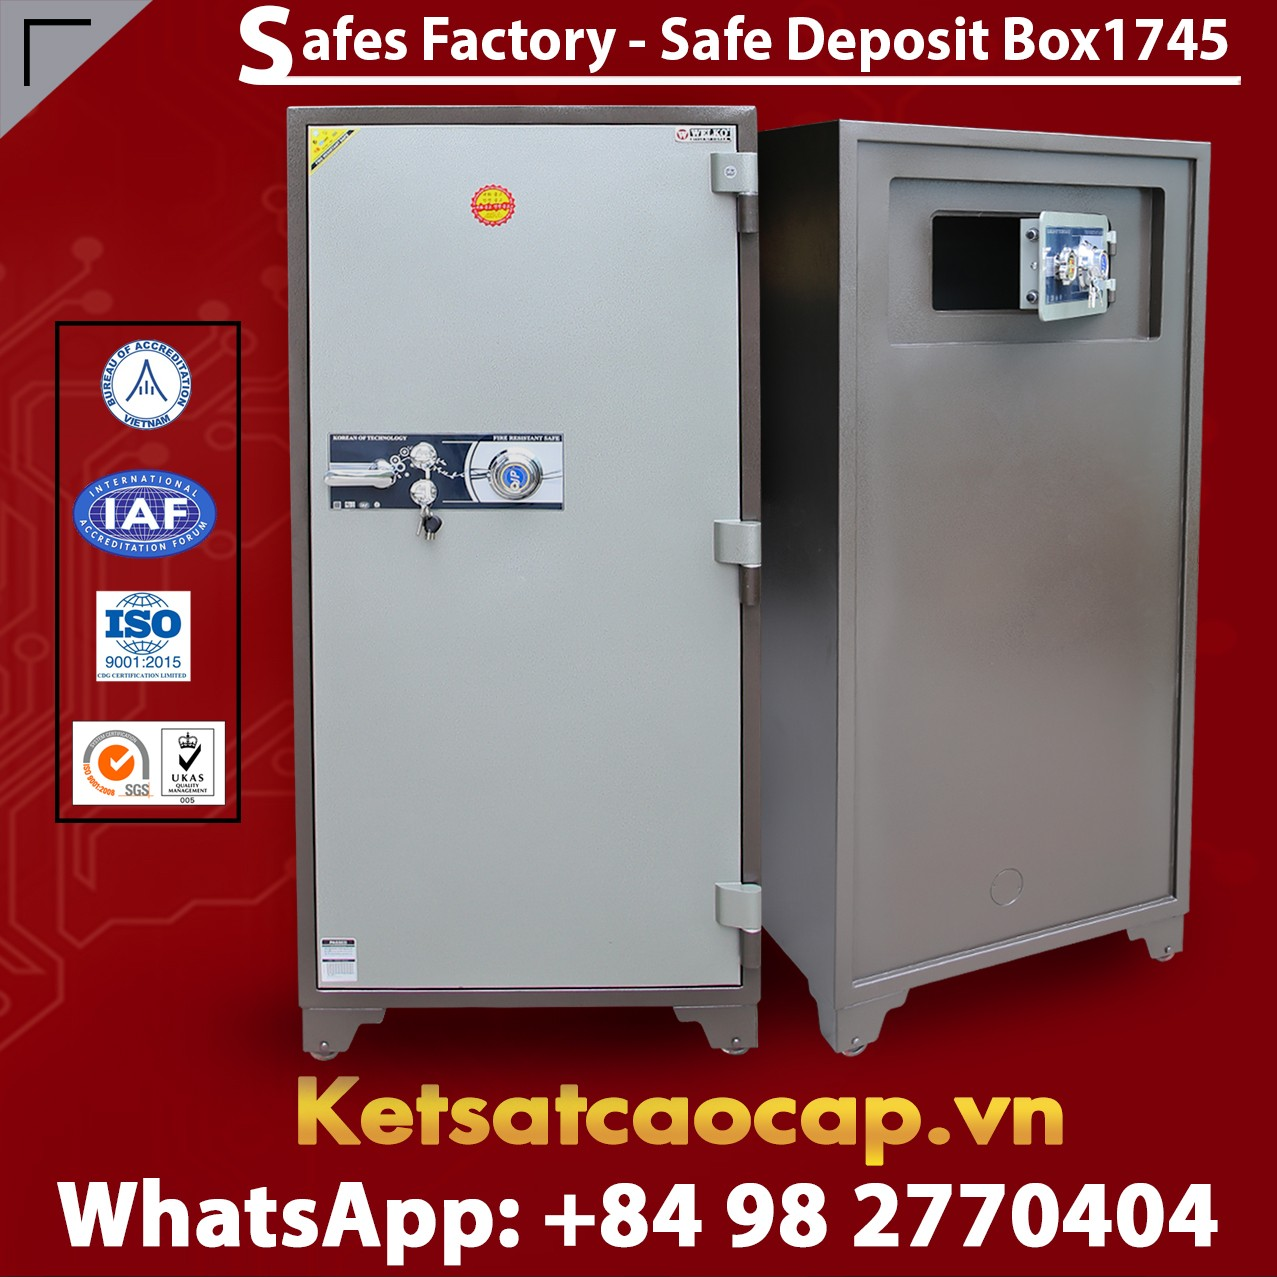 Bank Deposit Safes LX1745 Newest Design Secure For Bank